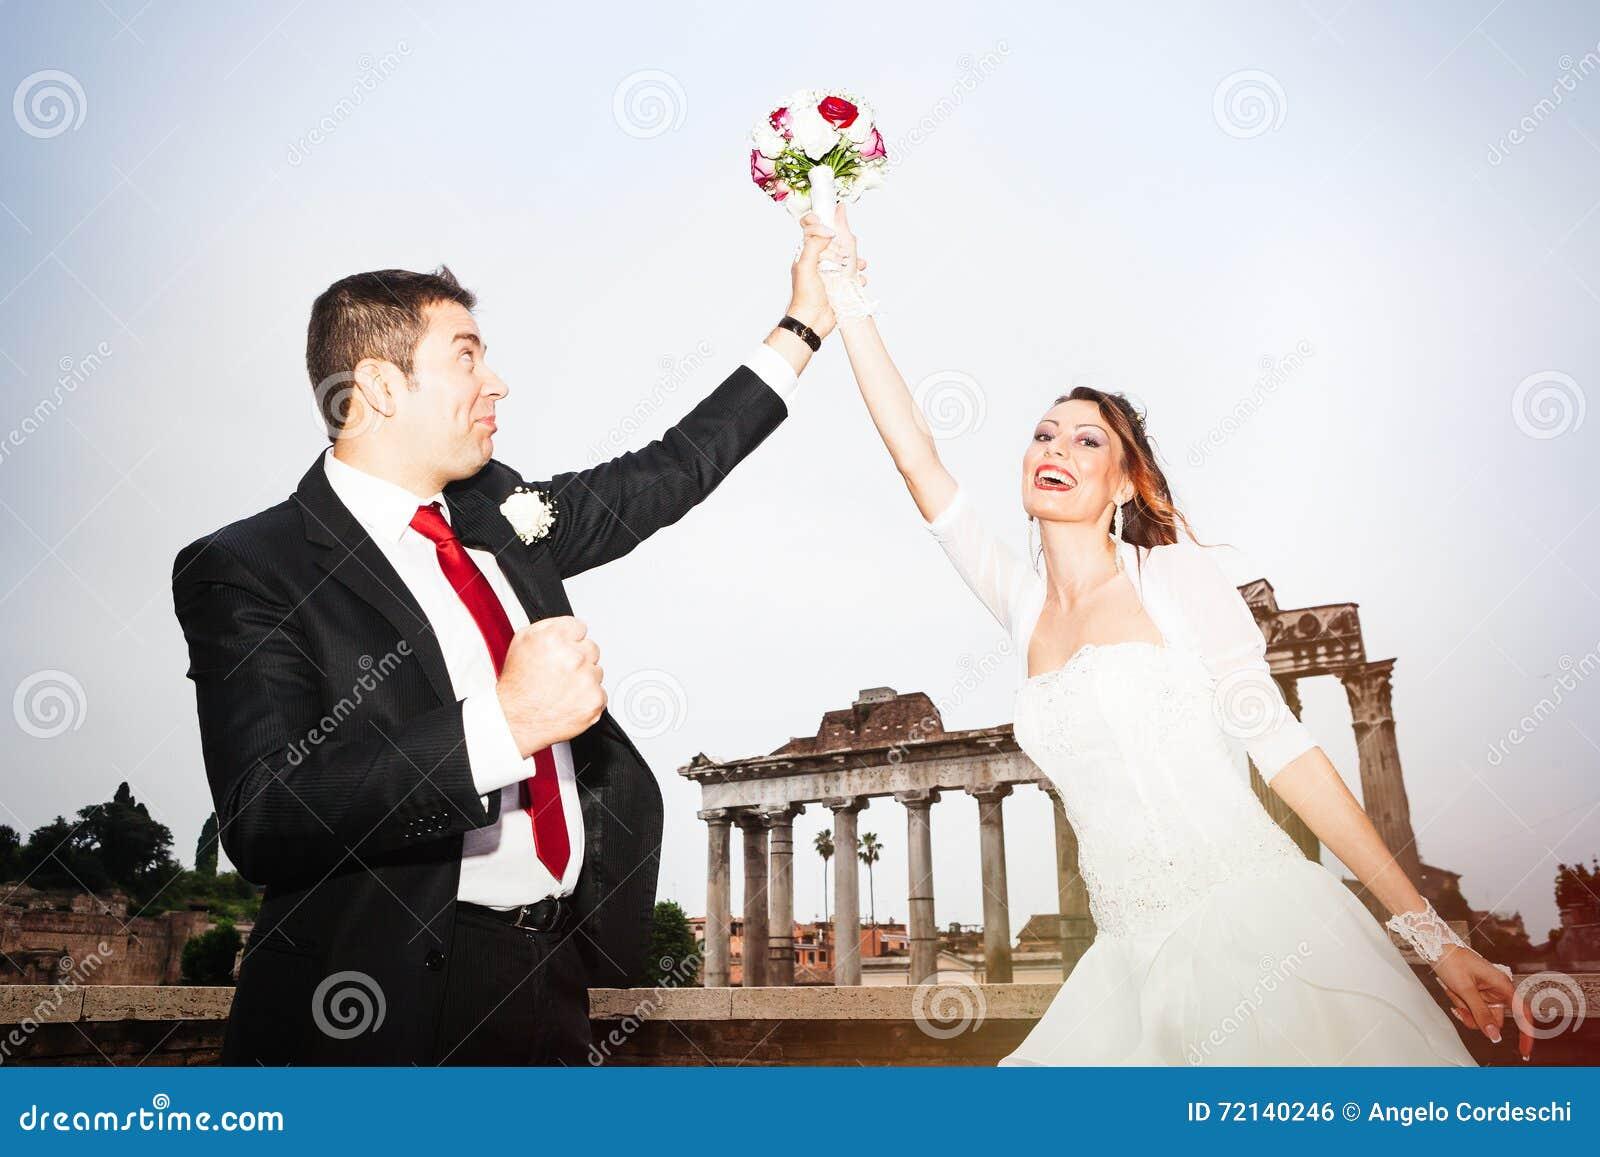 庆祝新婚佳偶